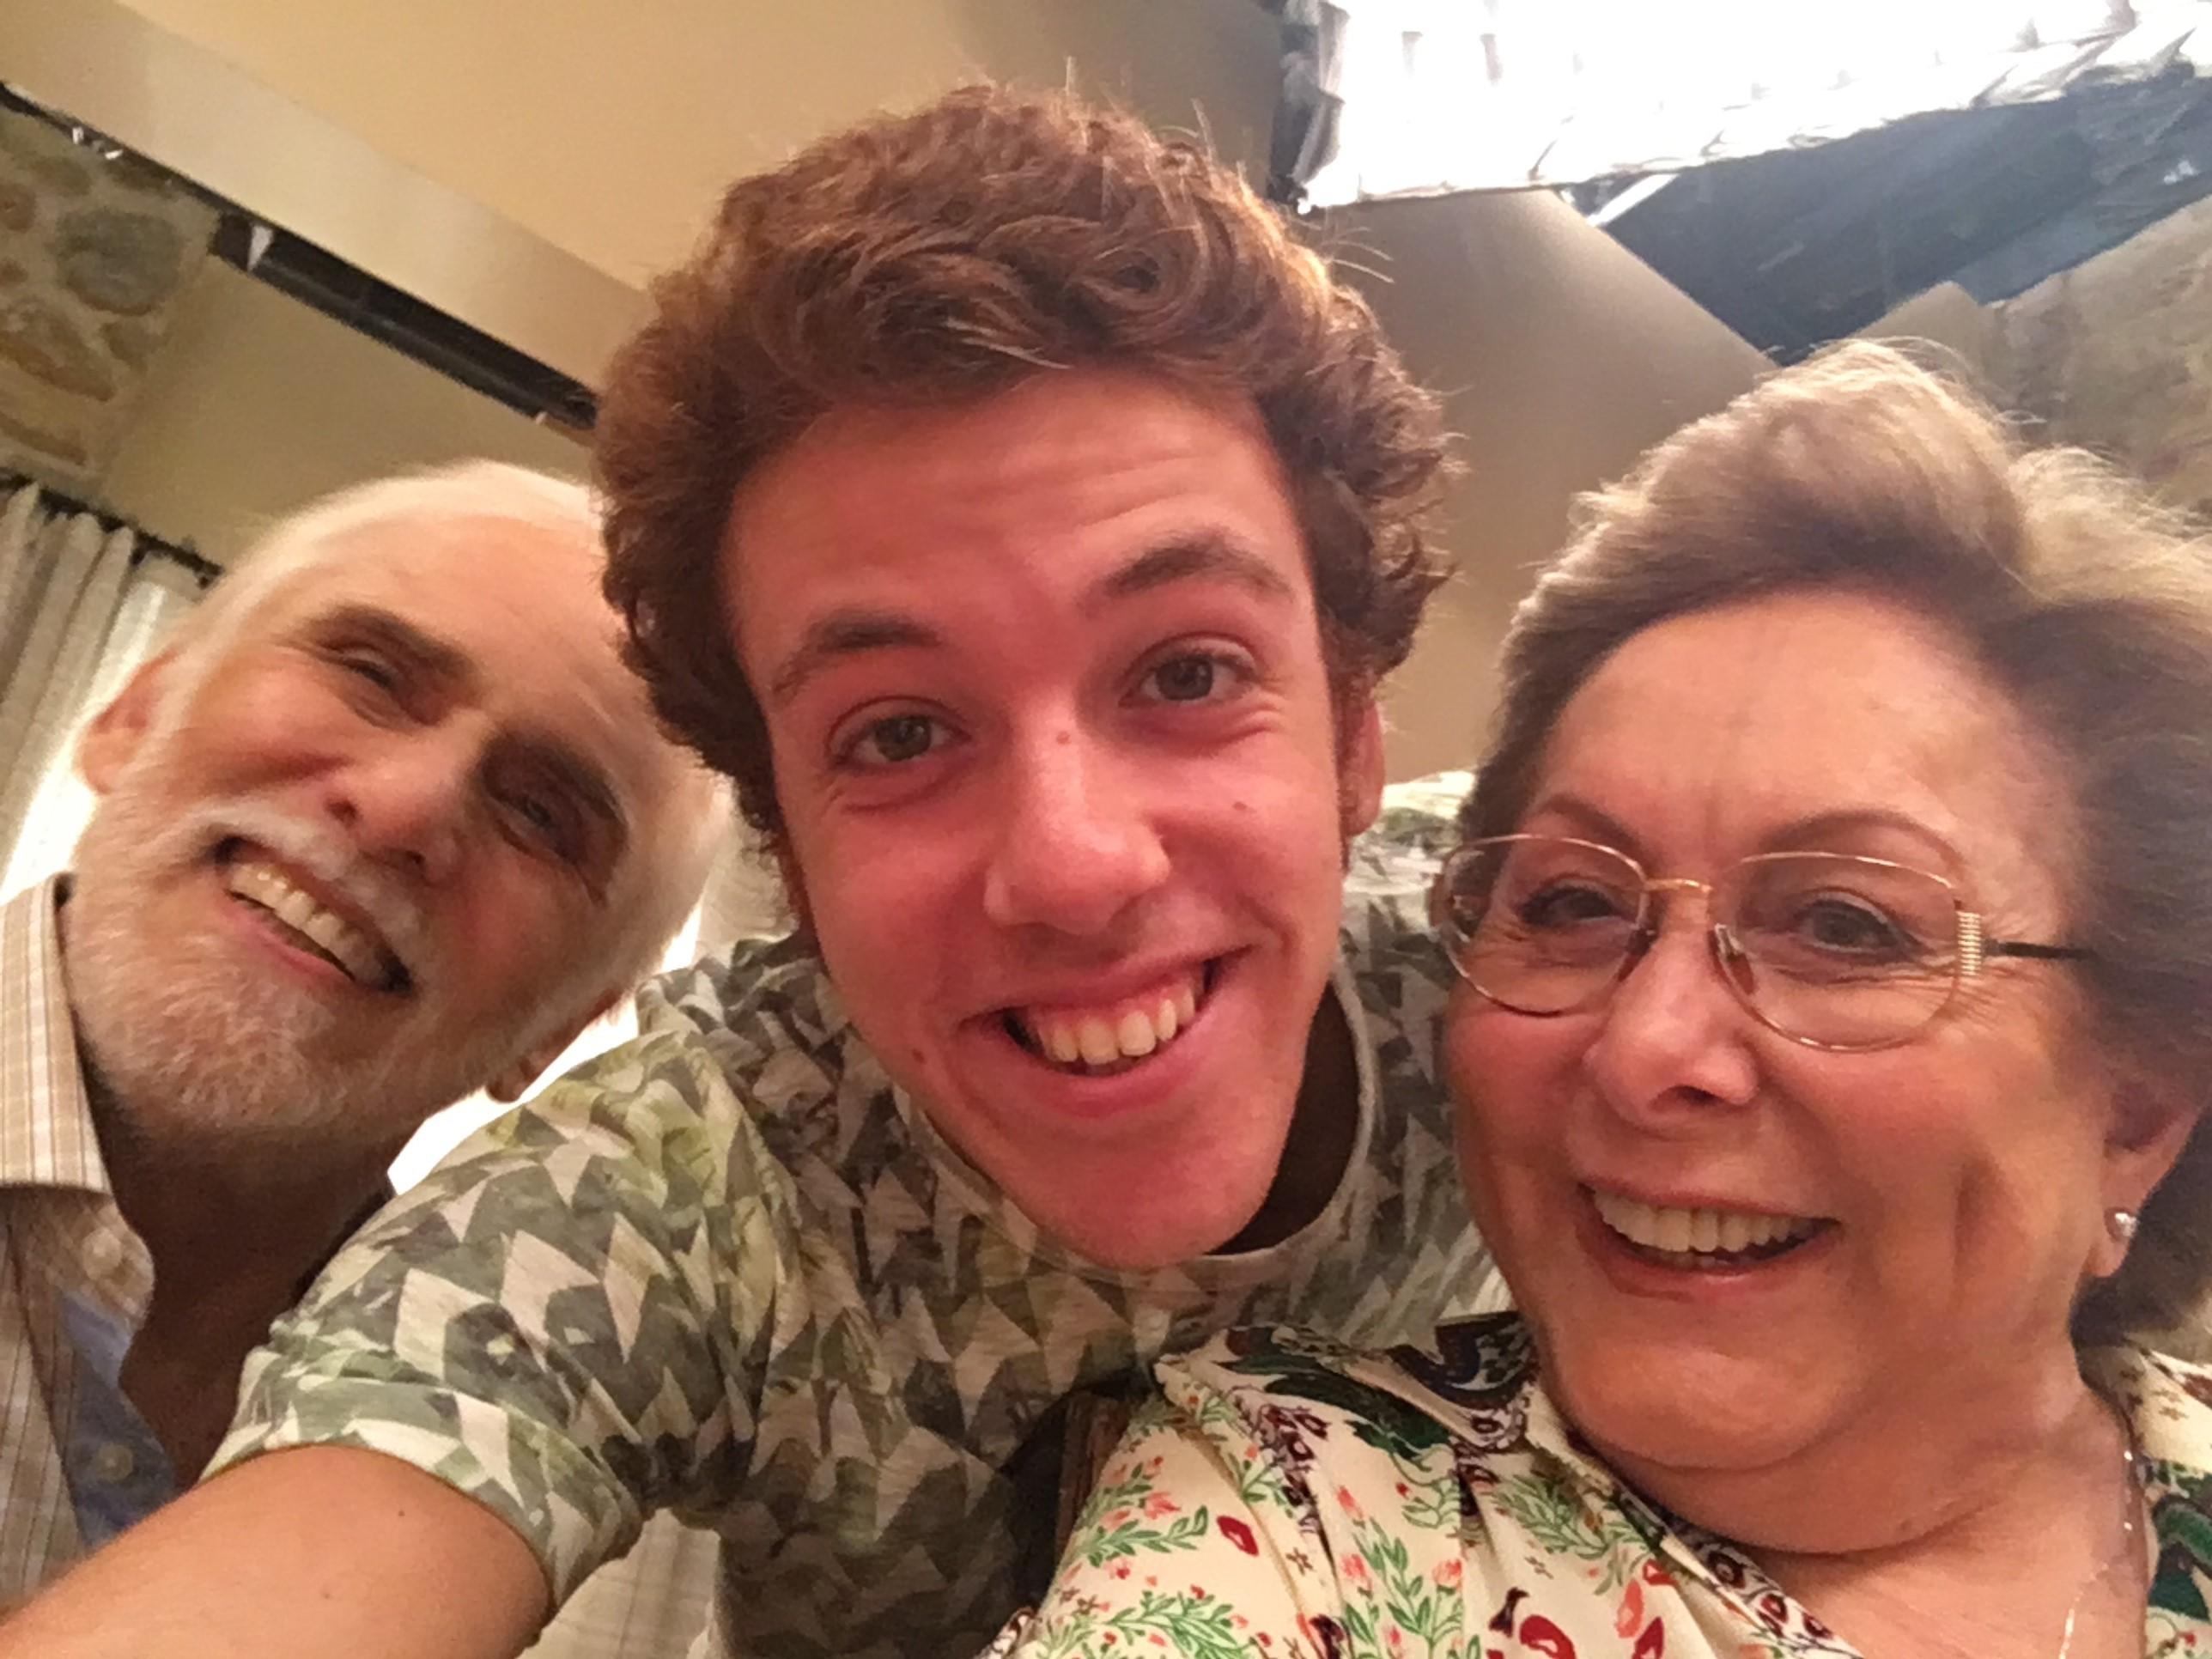 Aracy Balabanian Cheap joão côrtes tira selfie com francisco cuoco e aracy balabanian